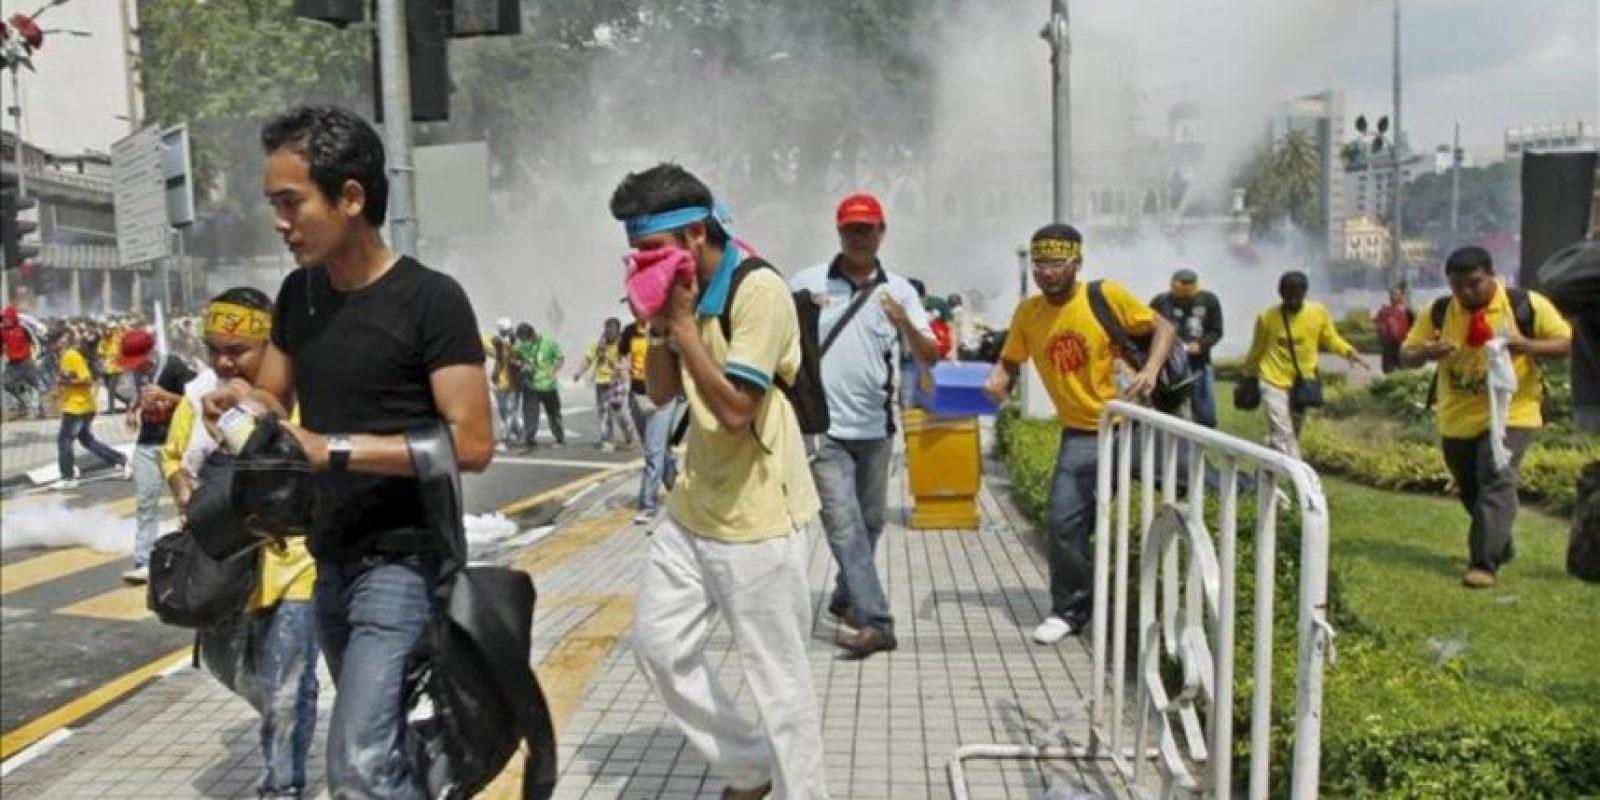 """Manifestantes huyen de una manguera de agua durante una marcha convocada por el colectivo Bersih (""""limpio"""", en malayo) para pedir unas elecciones justas y transparentes hoy en Kuala Lumpur (Malasia). EFE/Ahmad Yusni"""